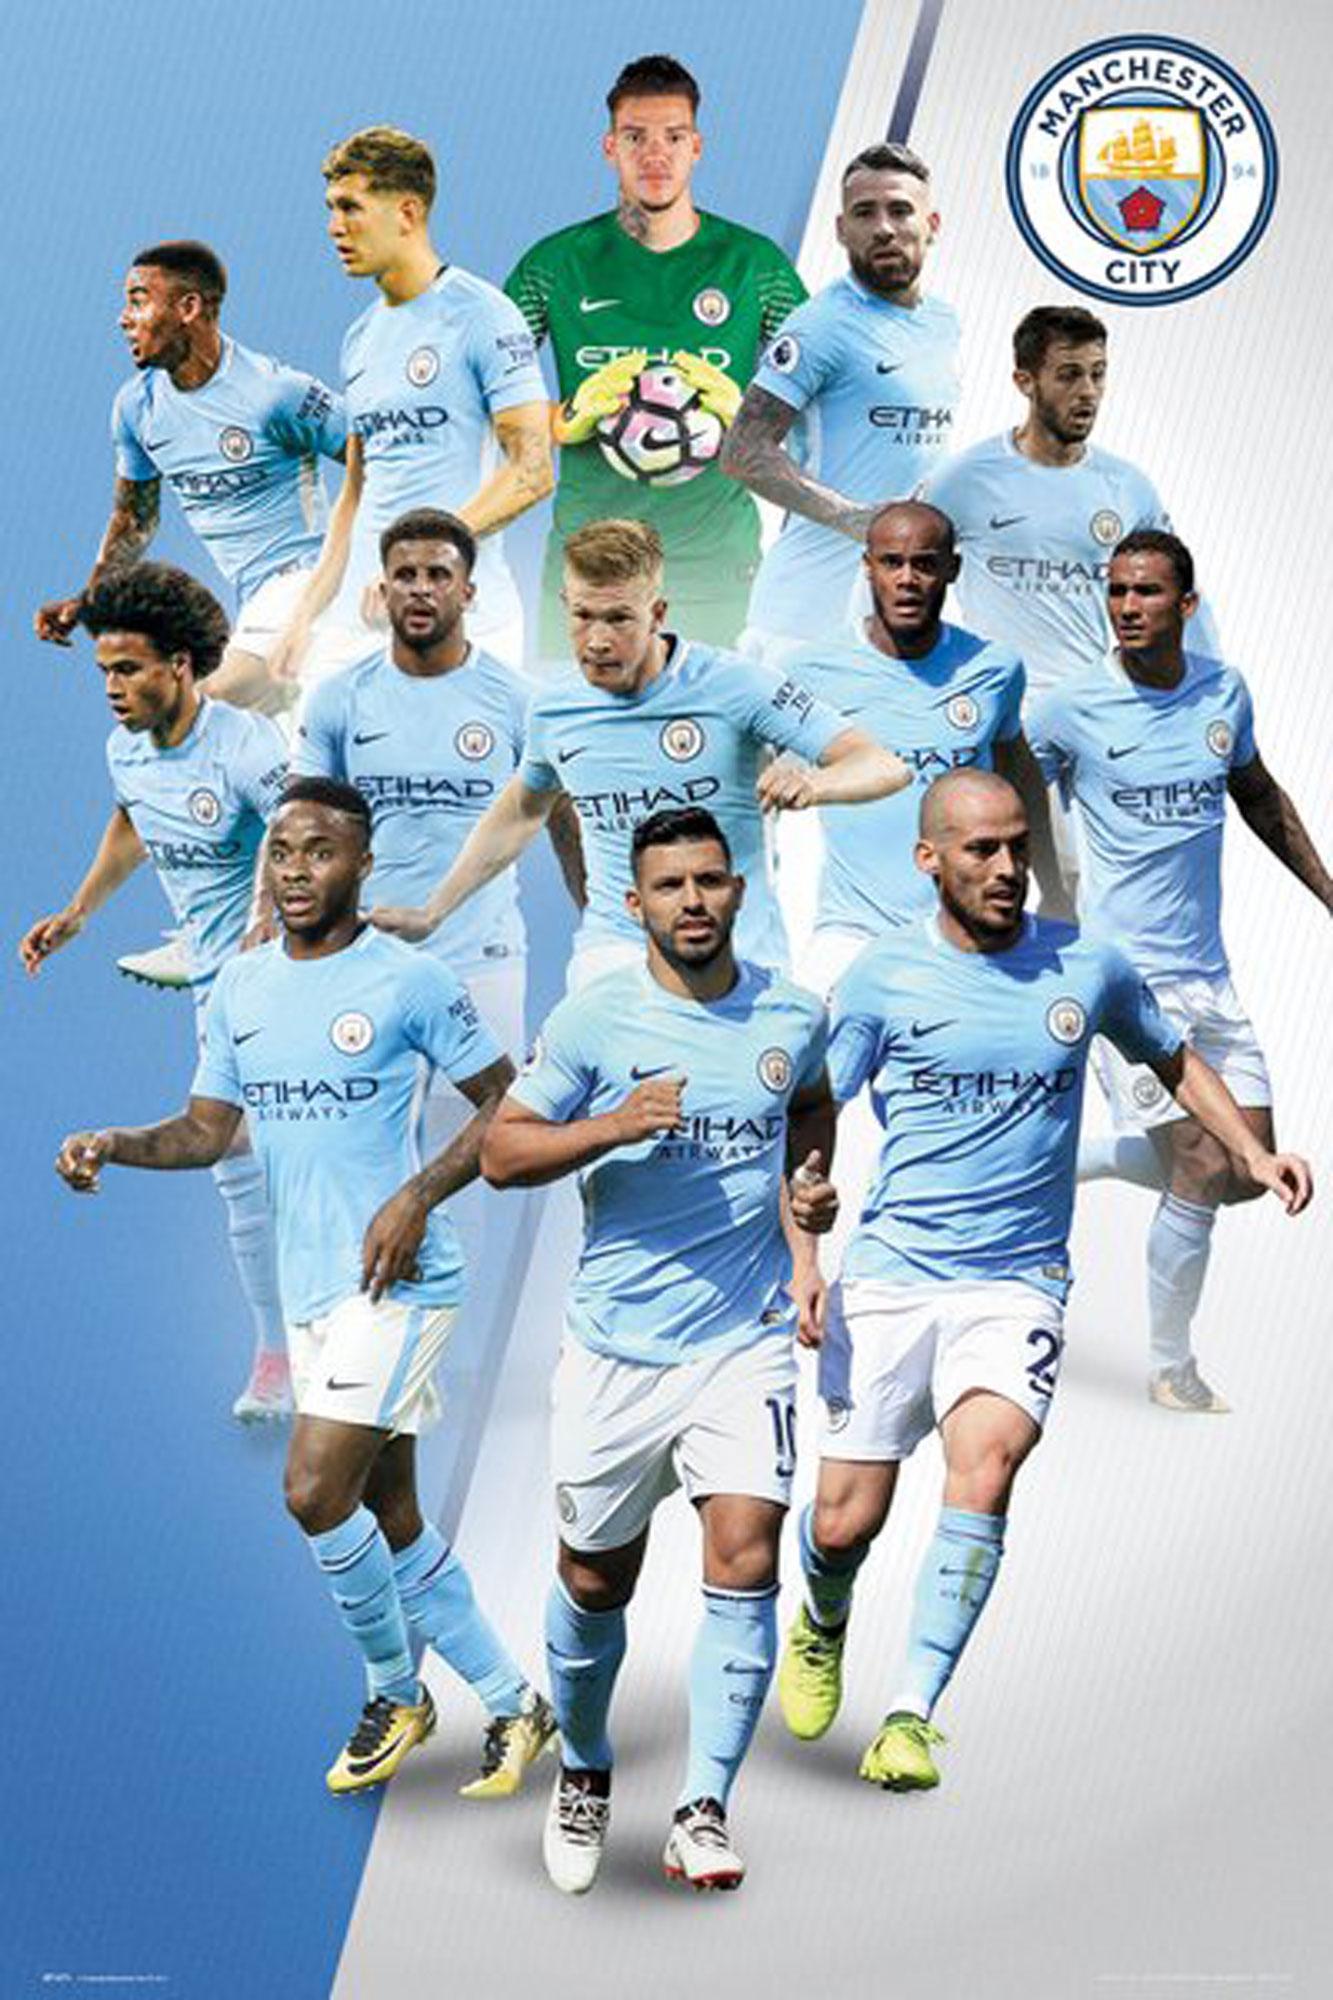 Fußball Manchester City